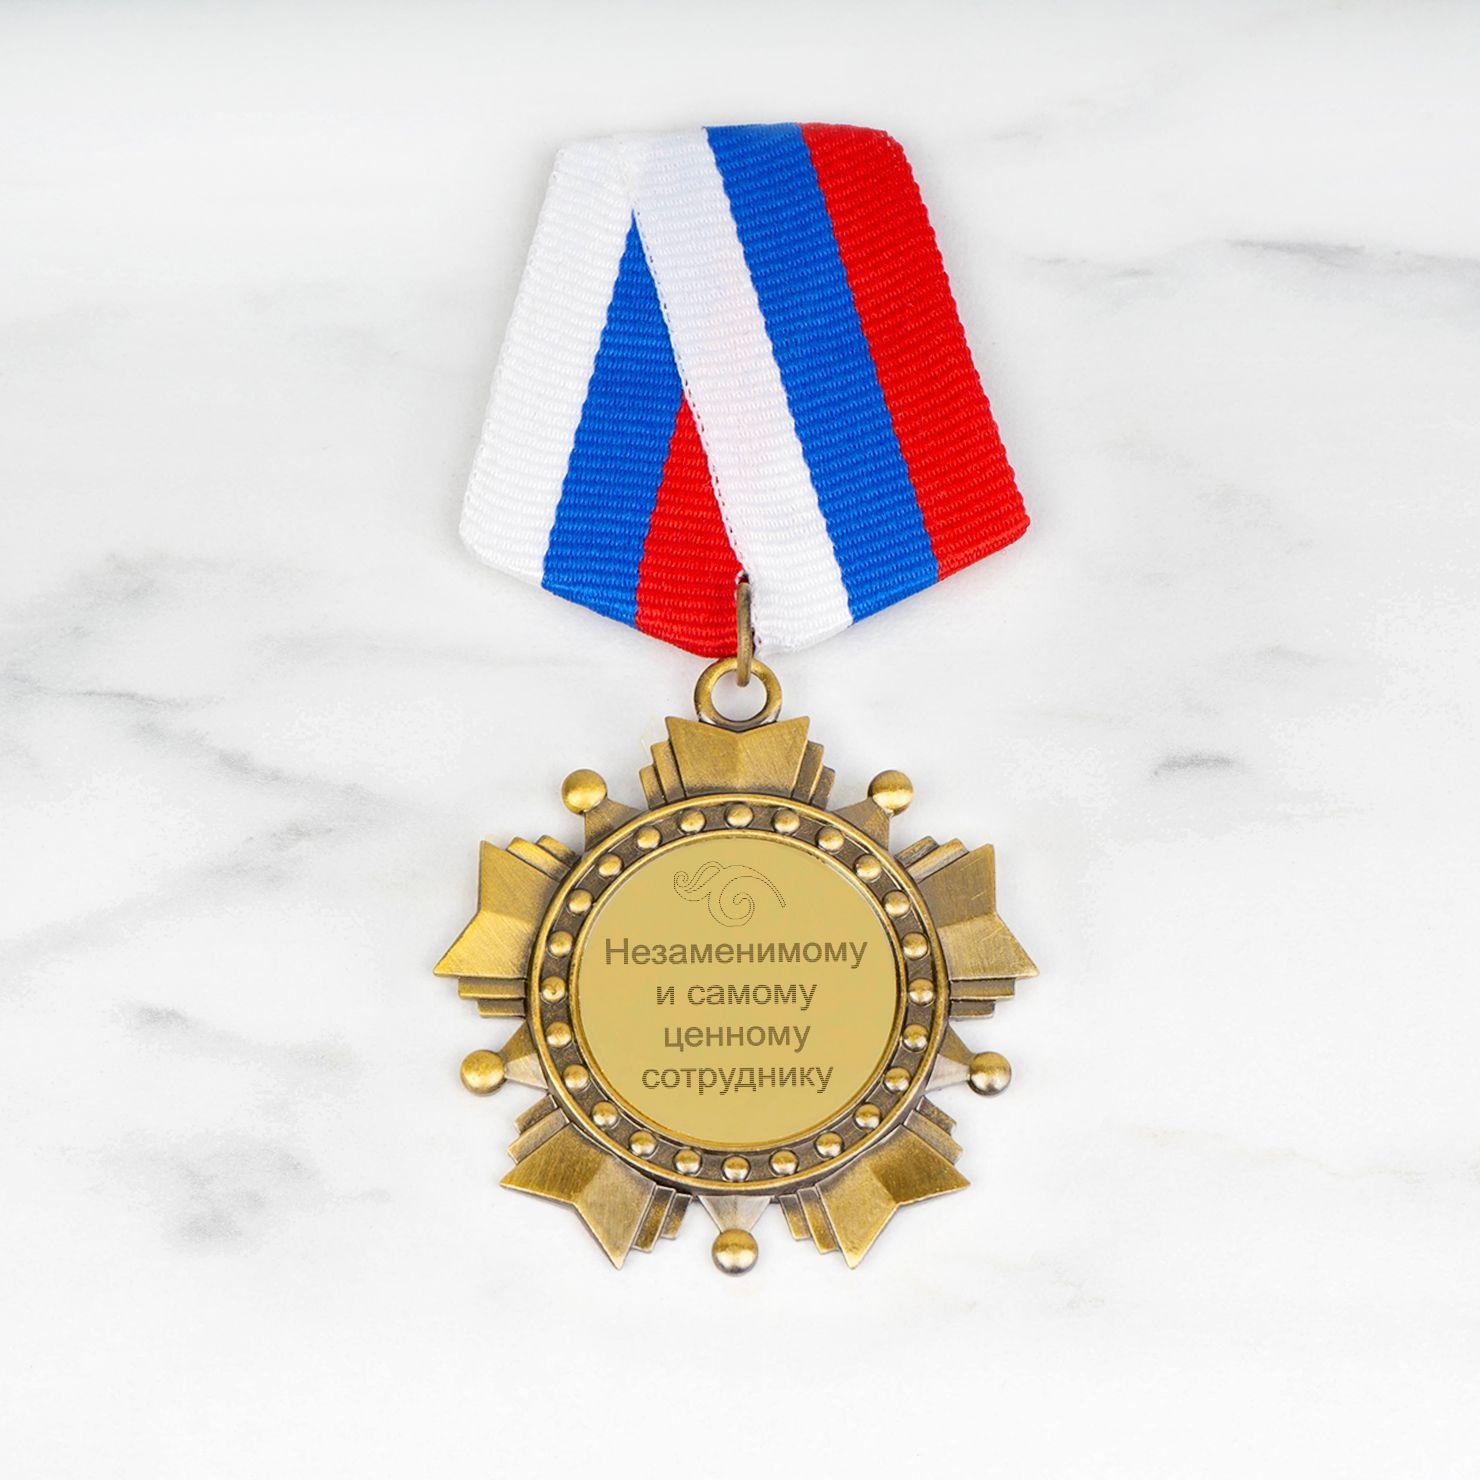 Орден *Незаменимому и самому ценному сотруднику*